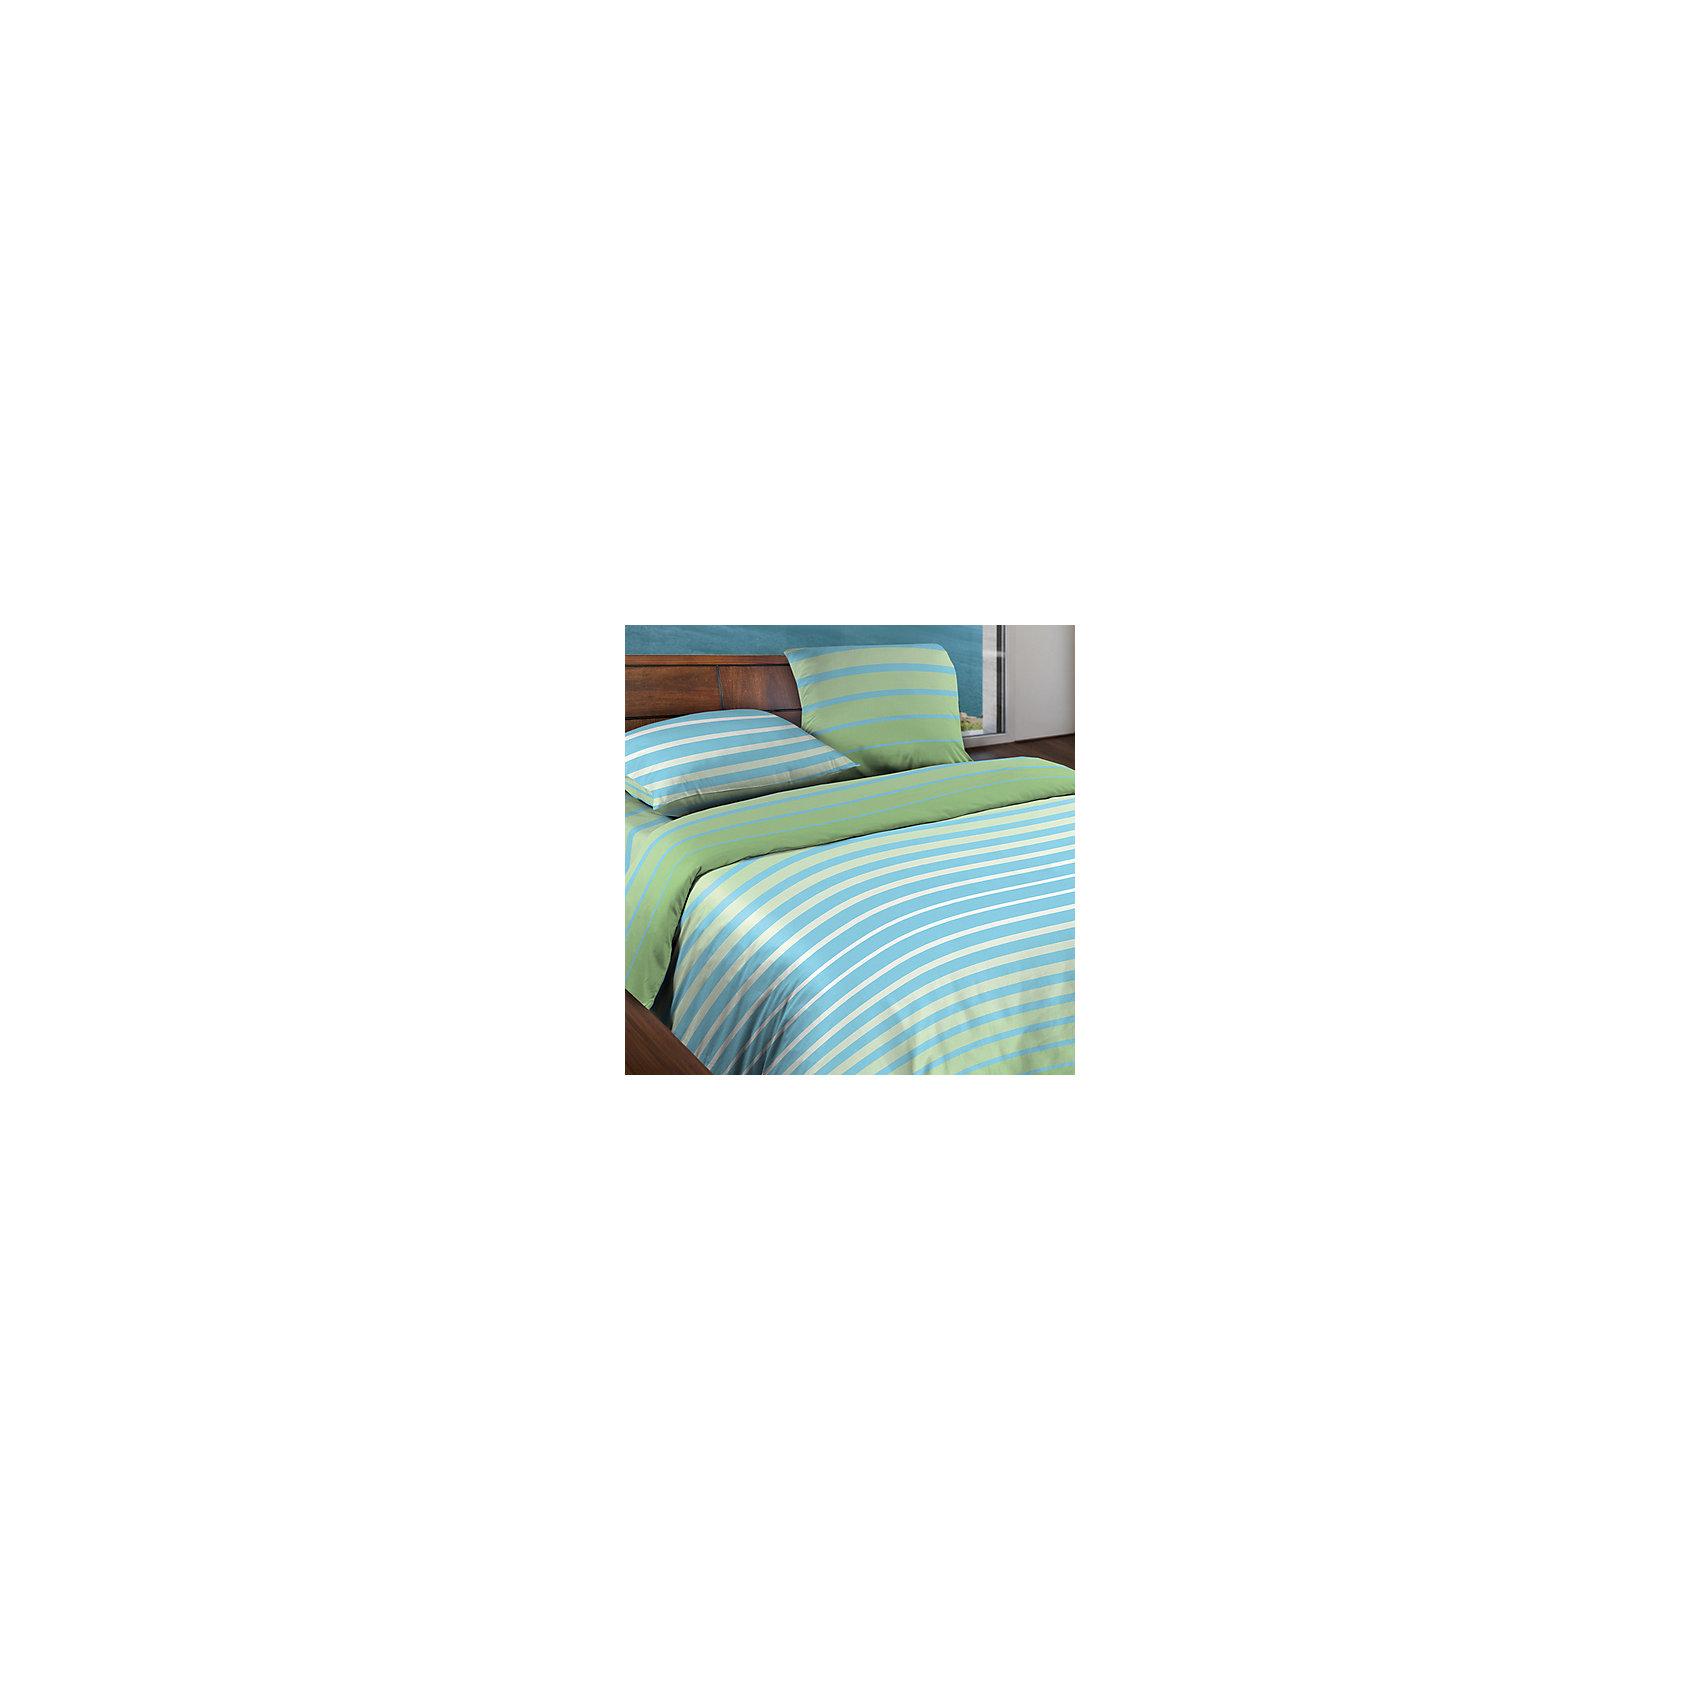 Постельное белье 2,0 сп. Stripe Green БИО Комфорт, Wenge MotionДомашний текстиль<br>Характеристики 2-хспального комплекта постельного белья   Stripe Green  БИО Комфорт, Wenge Motion:<br><br>- производитель: Неотек<br>- материал: бязь<br>- состав: 100% хлопок<br>- размер комплекта: двуспальный<br>- размер пододеяльника: 215*175 см.<br>- размер простыни: 220*240 см.<br>- размер наволочек: 70*70 (2 шт)<br>- упаковка комплекта: книжка пвх<br>- страна бренда: Россия<br>- страна производитель: Россия<br><br>Комплект 2,0 спального постельного белья выполнен  в однотонных тонах  из ткани биоматин. На ткань нанесены эффектные контрастные полосы  от популярного российкого бренда Неотек. Пожалуй, именно эту ткань стоит назвать постельной классикой, идеальной по соотношению цена-качество. Биоматин – прочное плетение из крученого хлопкового волокна, выносливое к стиркам, хорошо сохраняющее цвет, приятное для тела. Такое белье станет шикарным дополнением для Вашего домашнего комфорта!<br><br>Комплекта постельного белья   Stripe Green  серии Wenge Motion можно купить в нашем интернет-магазине.<br><br>Ширина мм: 370<br>Глубина мм: 70<br>Высота мм: 370<br>Вес г: 2100<br>Возраст от месяцев: 216<br>Возраст до месяцев: 1188<br>Пол: Унисекс<br>Возраст: Детский<br>SKU: 5100132